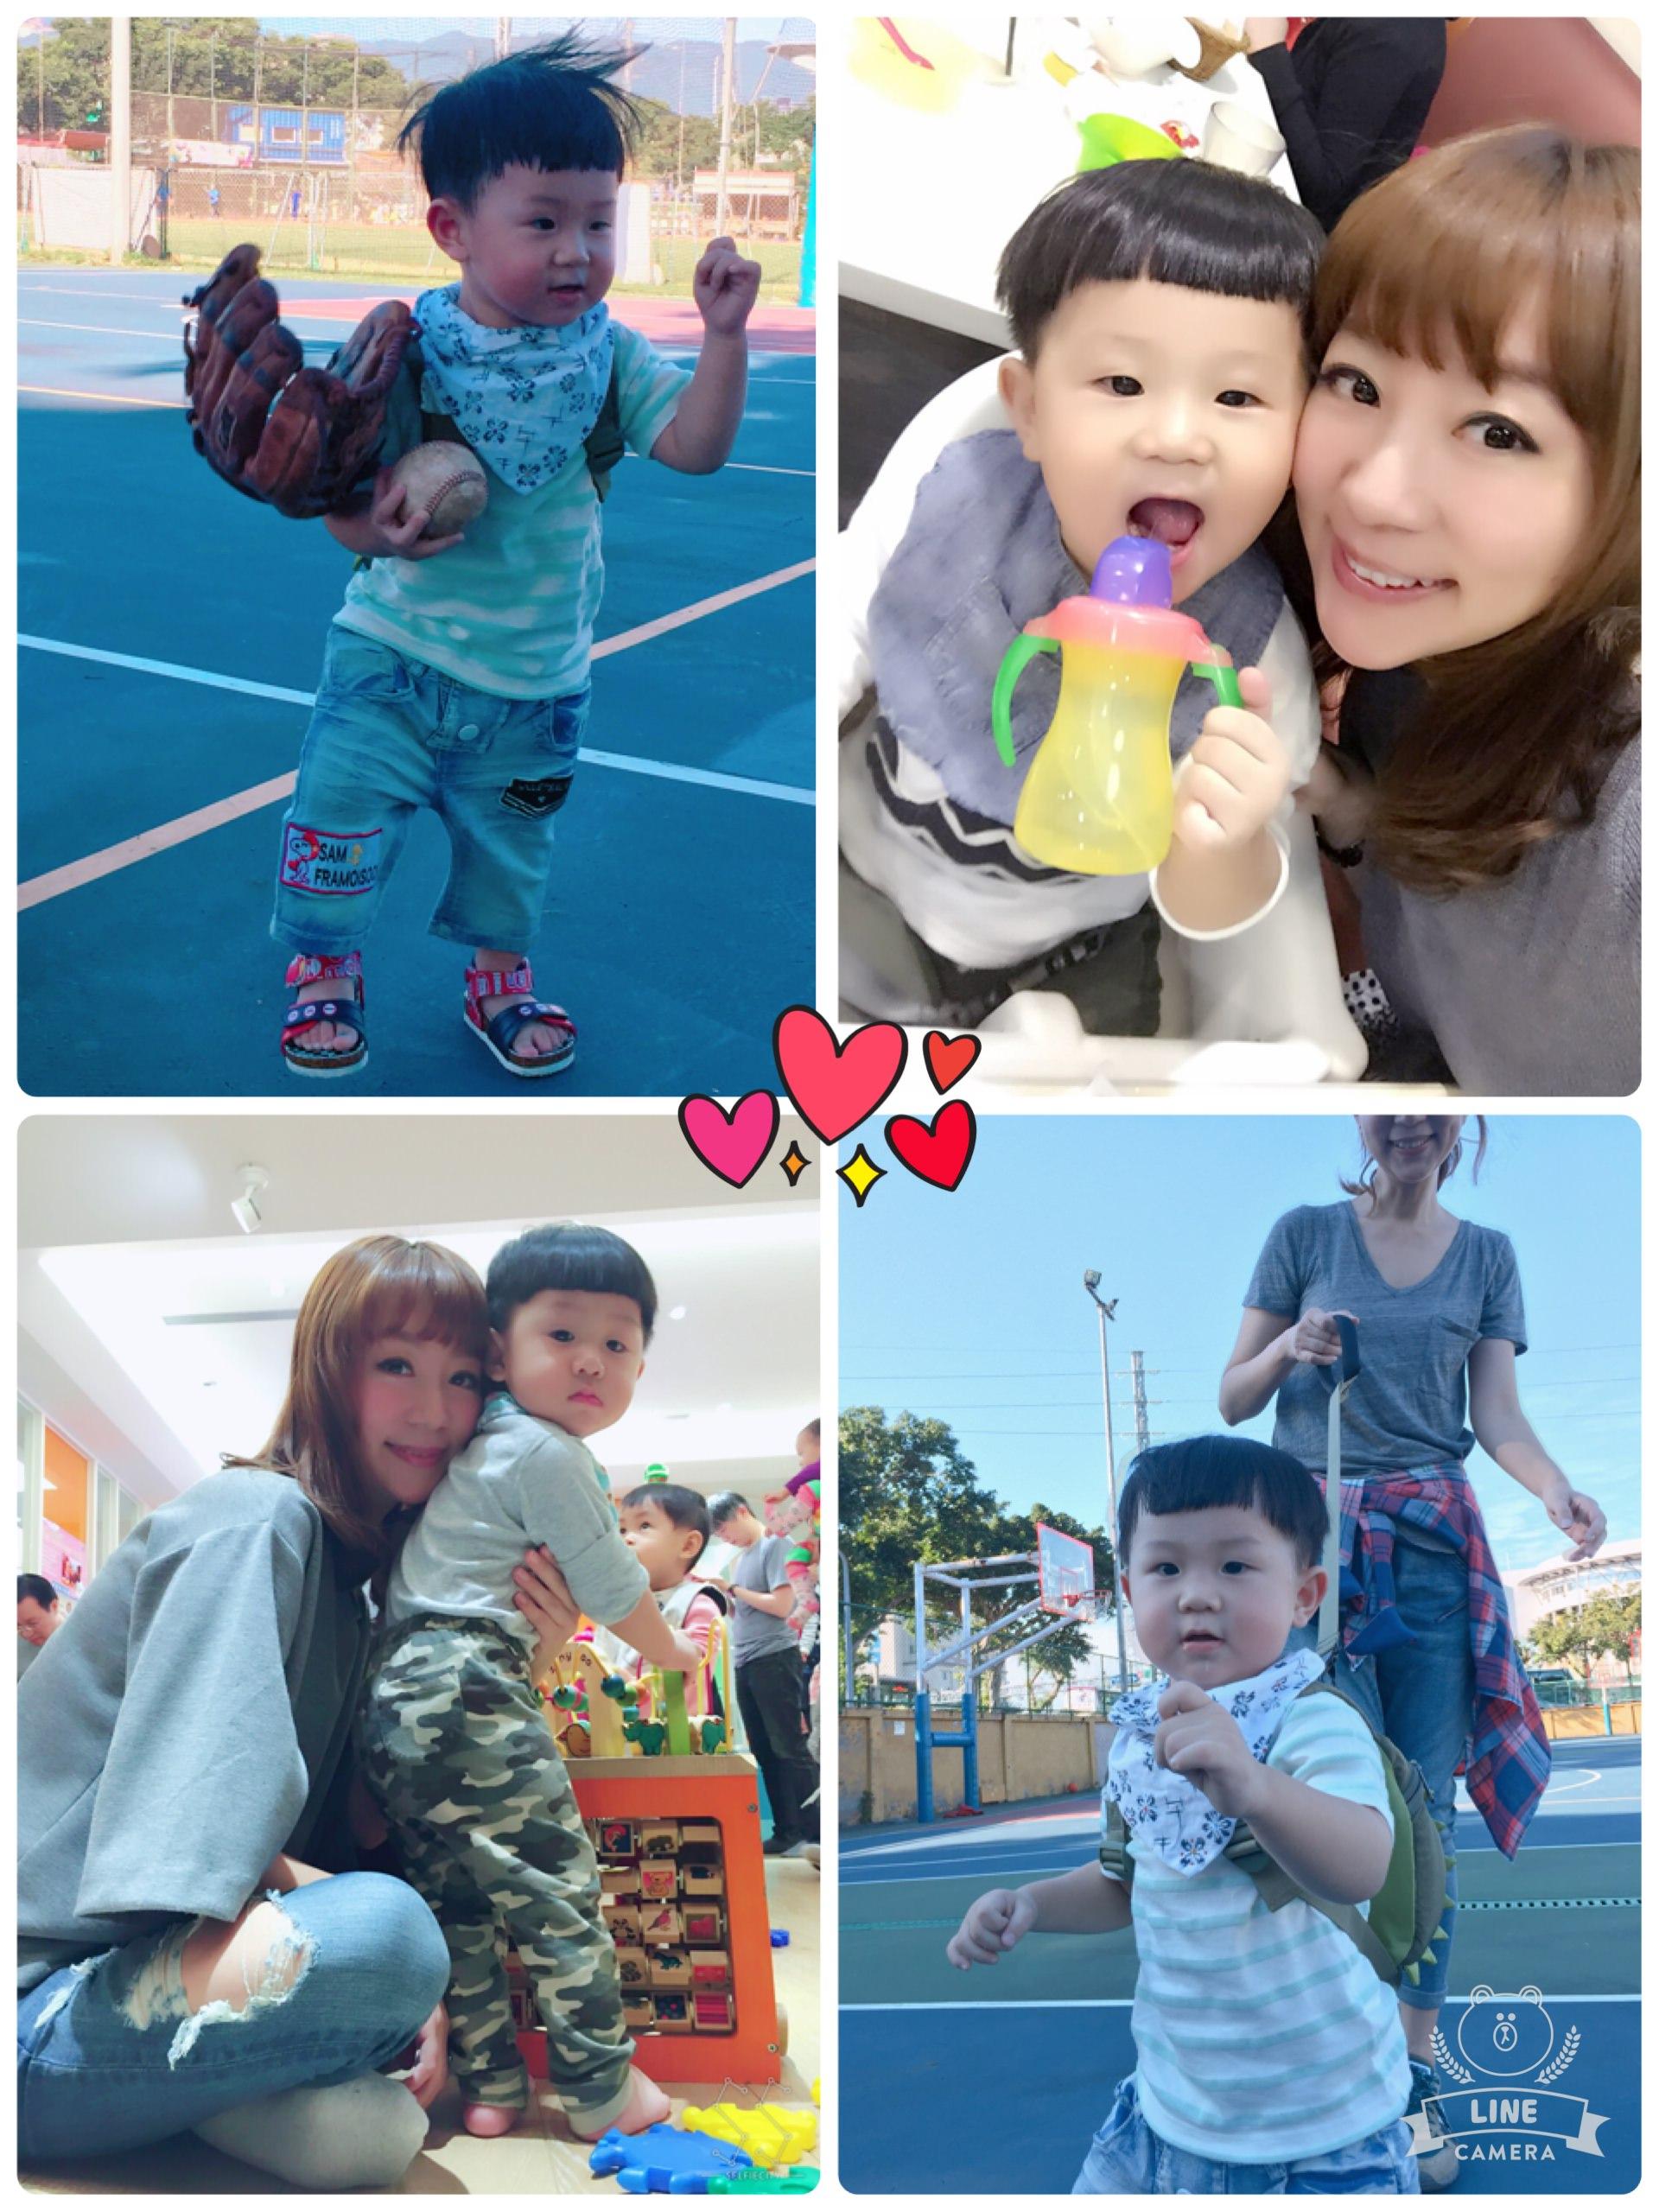 給寶寶最柔軟的5星呵護♥ 媽媽們挑選尿布切記(≧∇≦)/